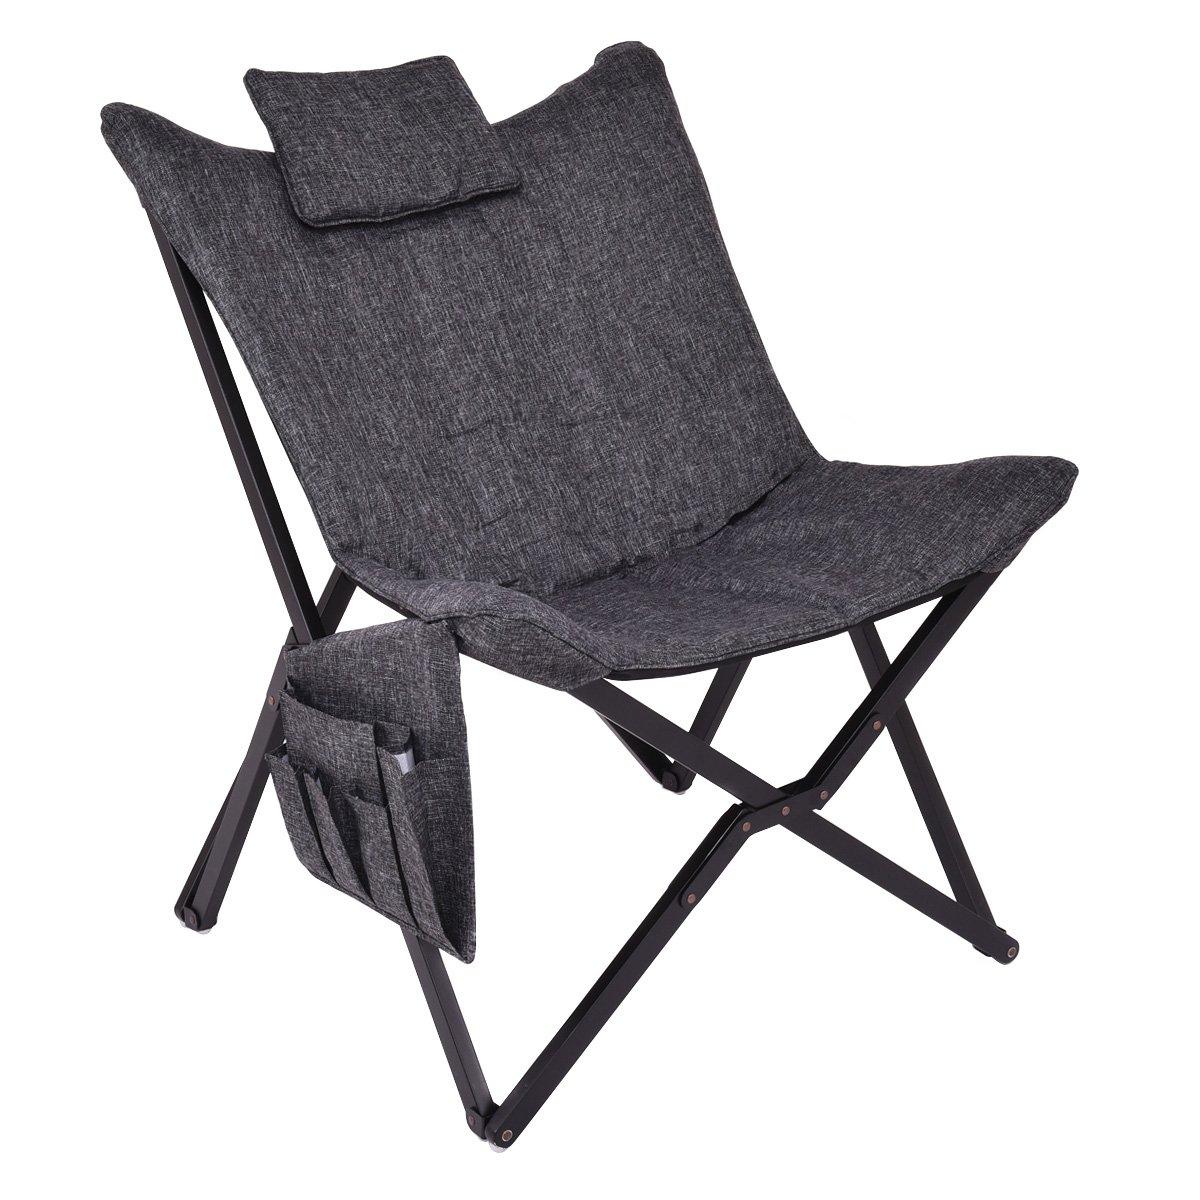 Giantex Folding Butterfly Chair